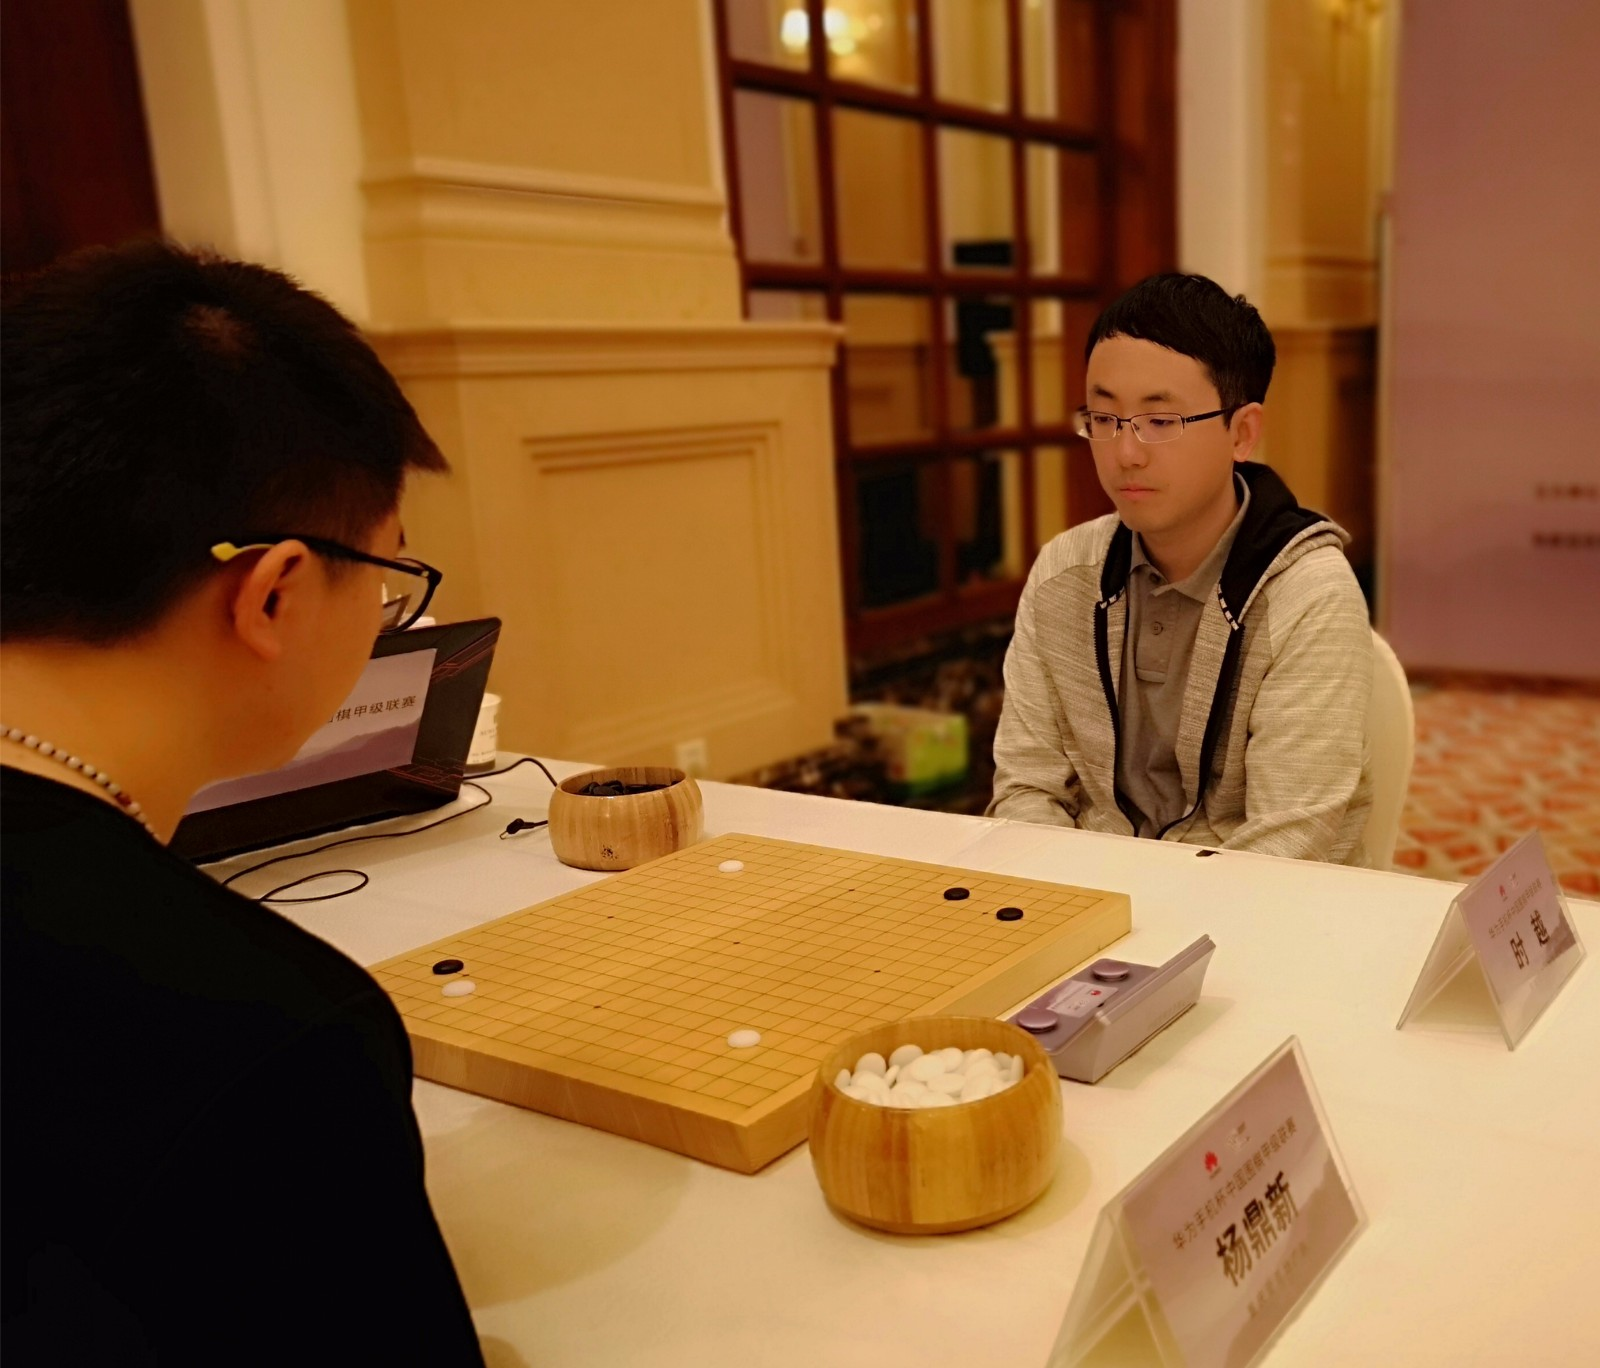 蒋涛拍围甲:杨鼎新逆转胜时越 重庆3比1胜北京